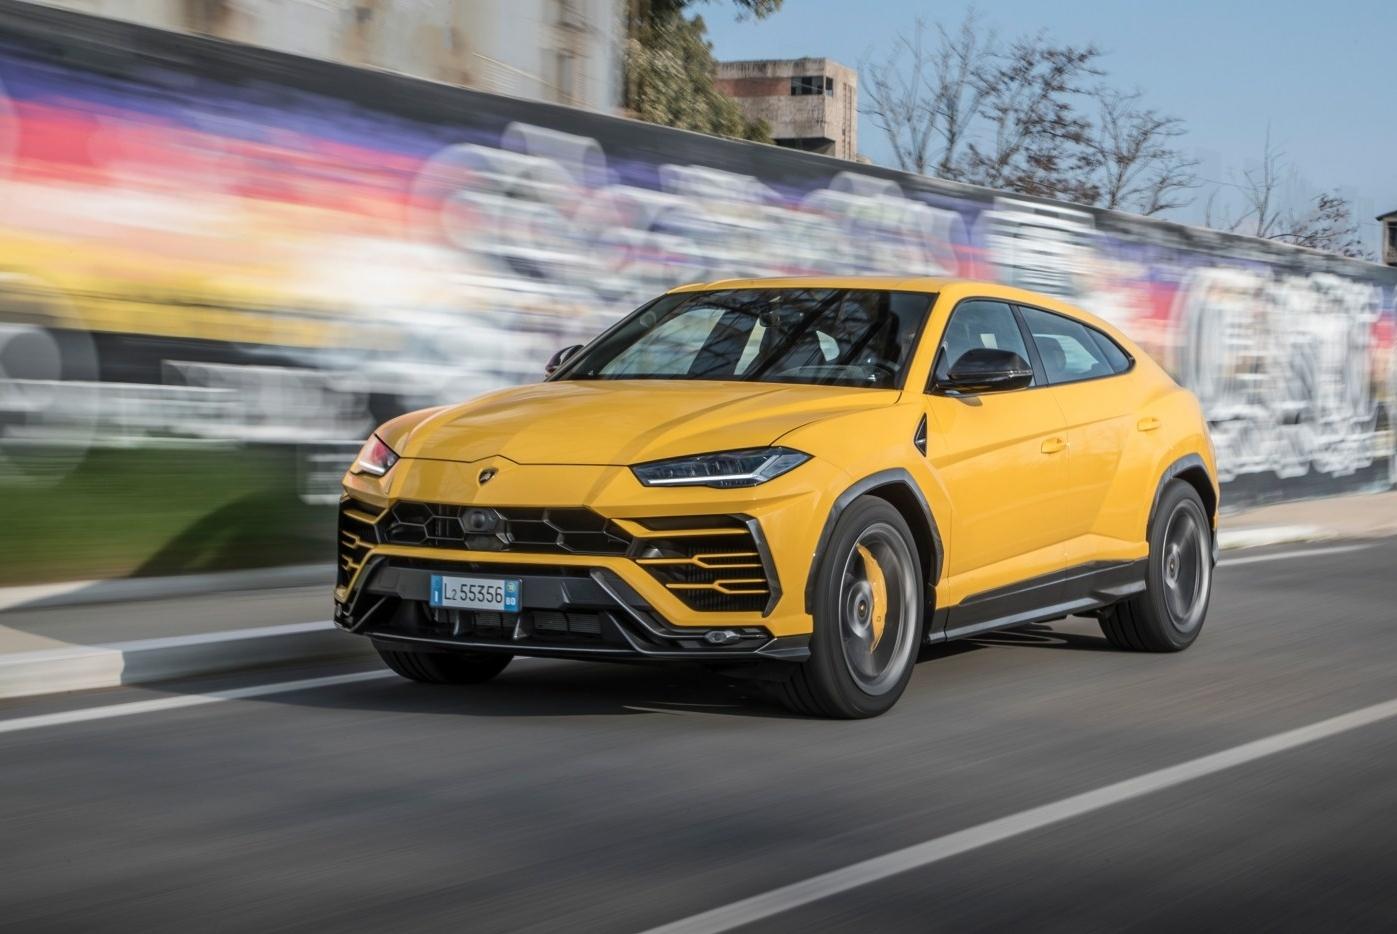 Lamborghini Urus попробует побить рекорд Нюрбургринга